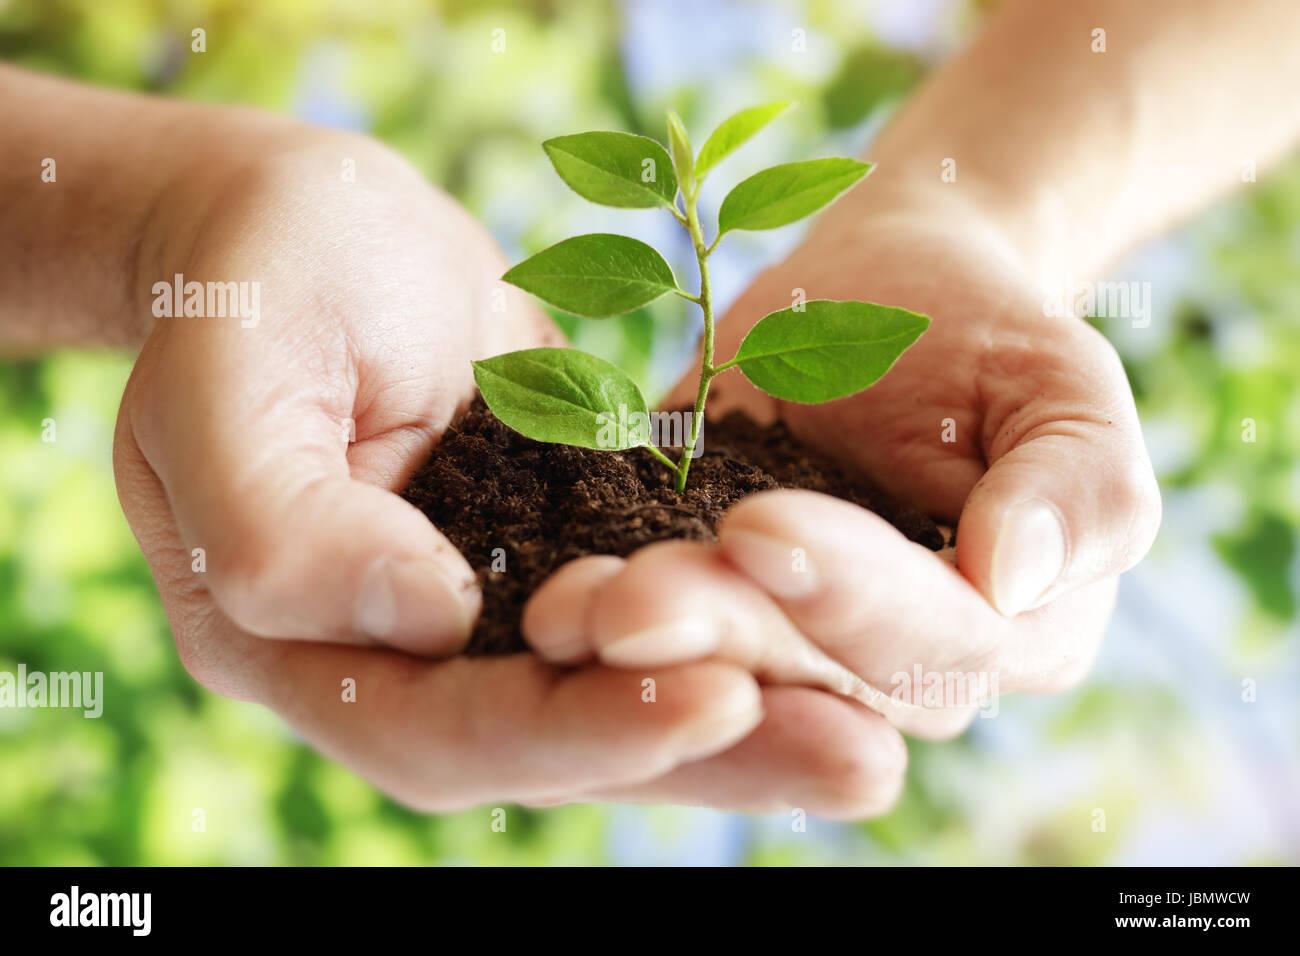 Kümmert sich um neue Entwicklung Hände halten neues Leben Werk Stockbild